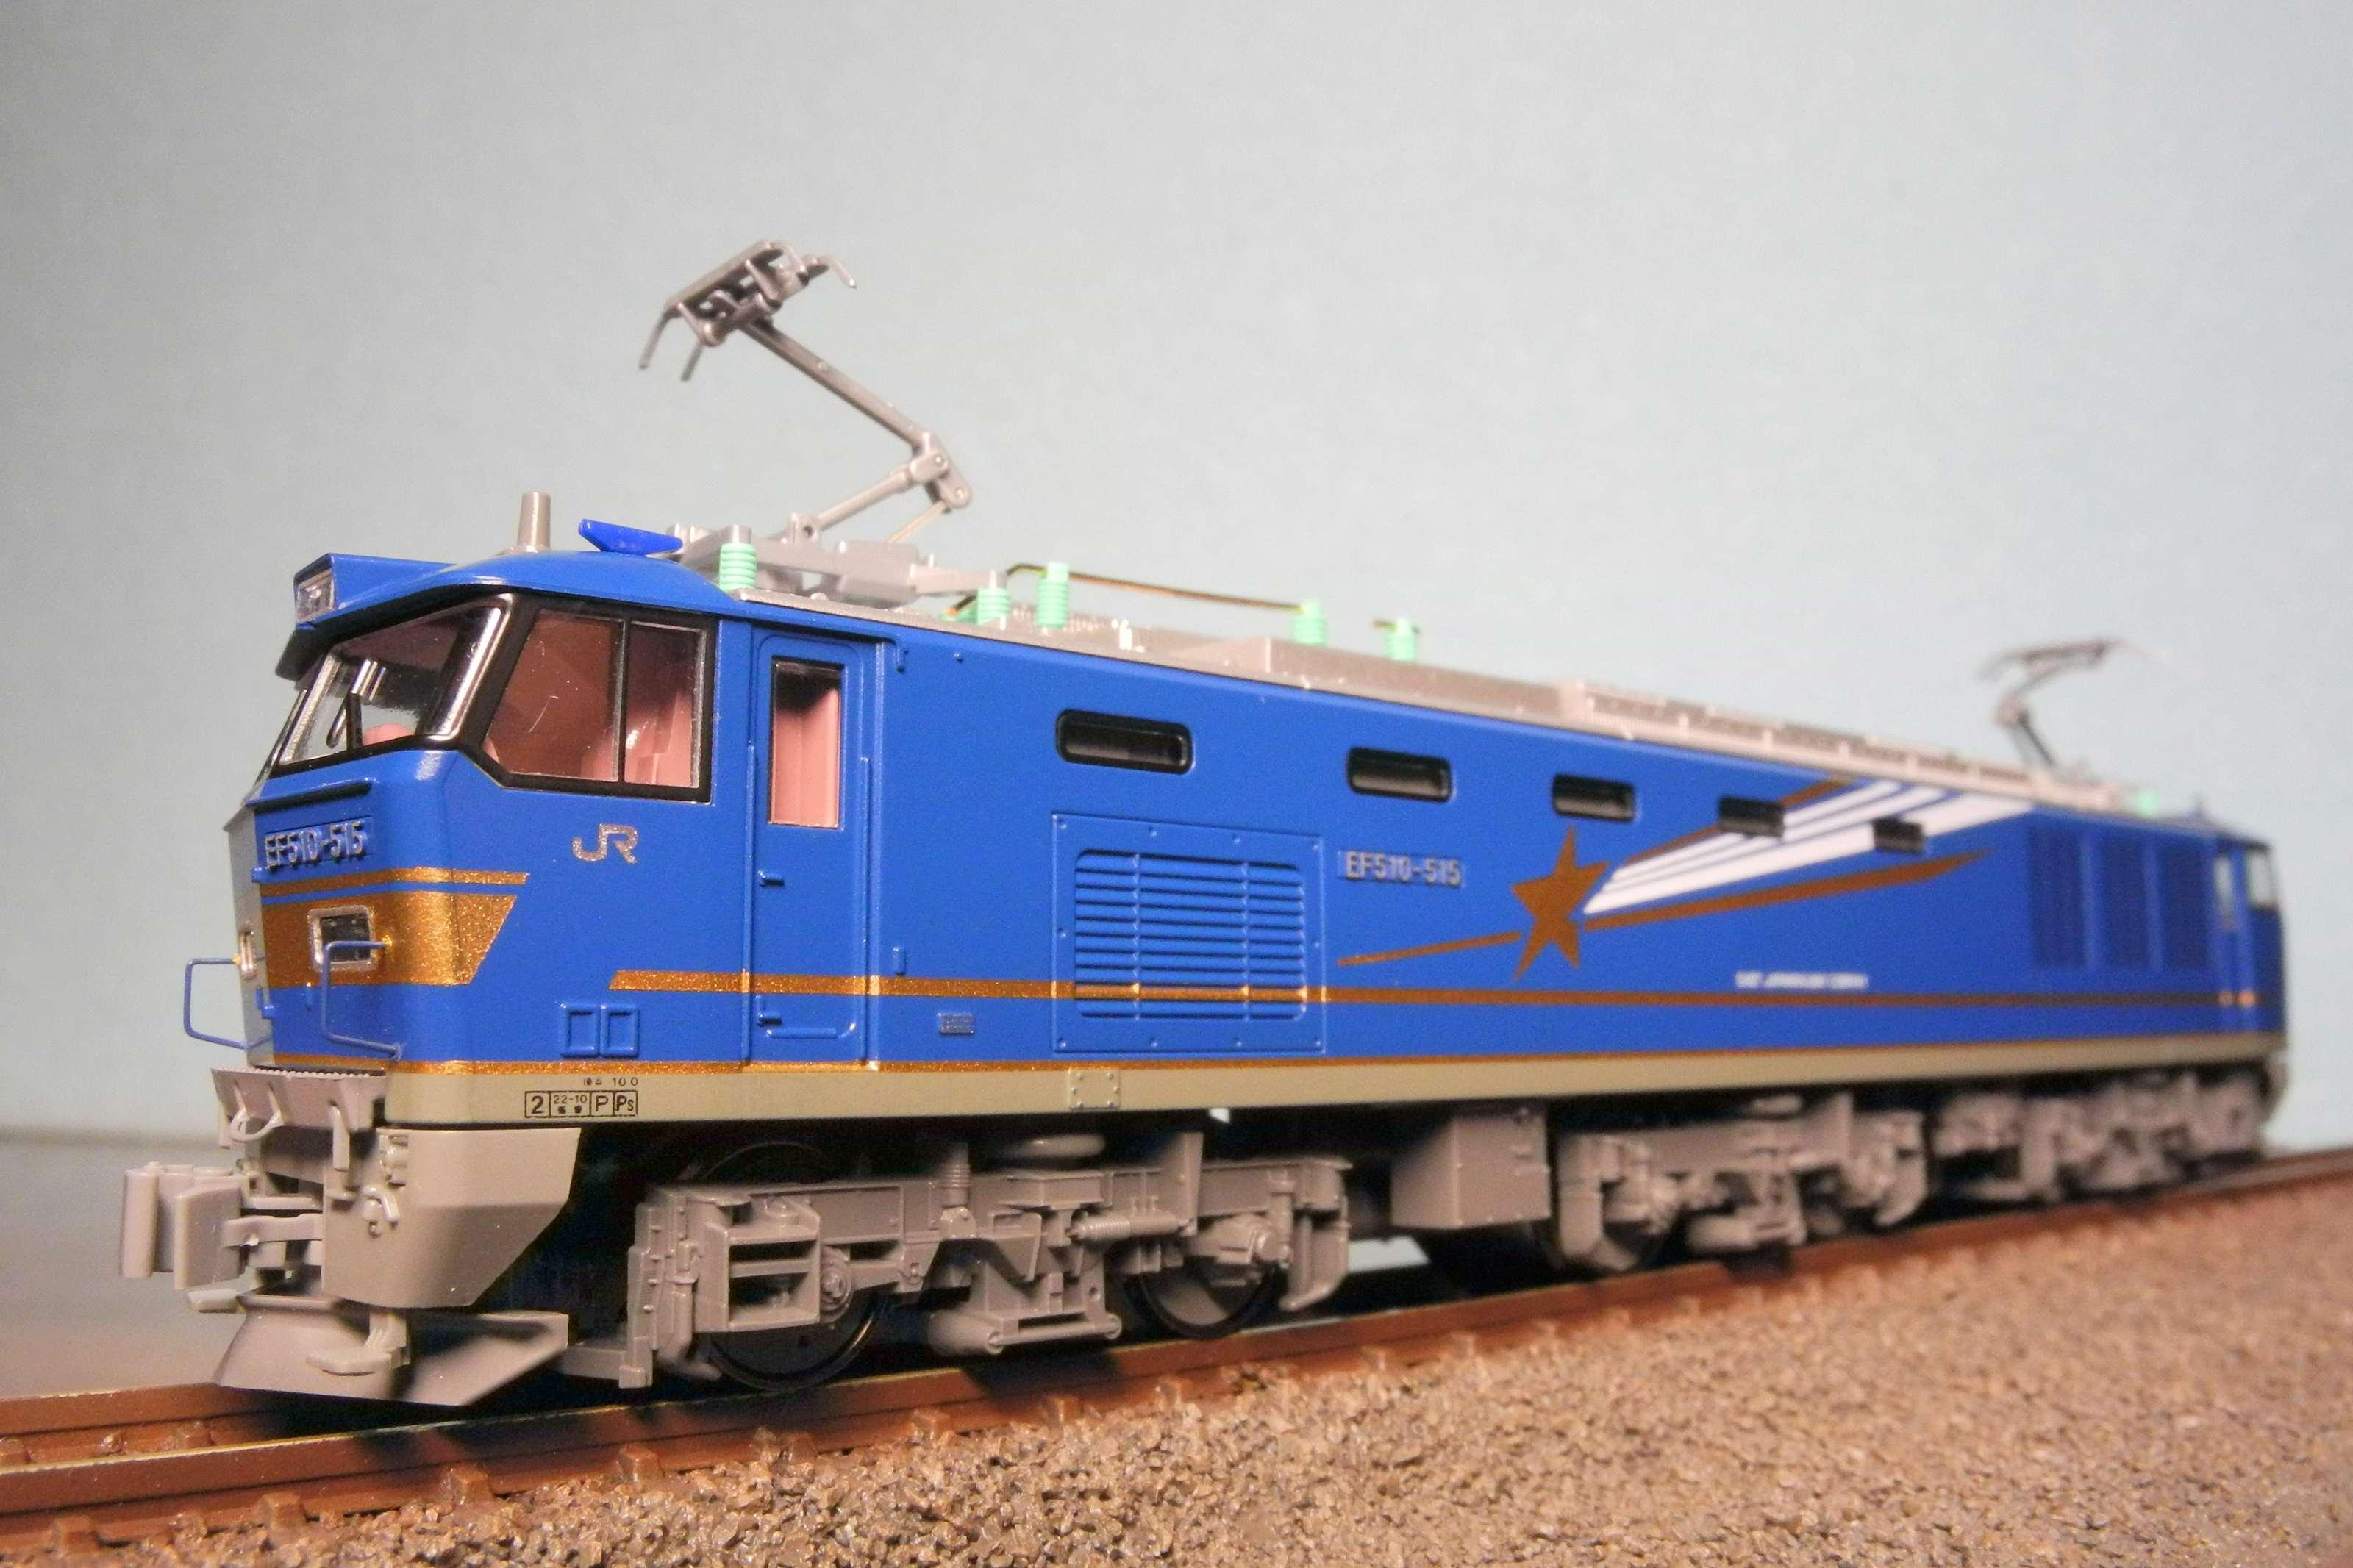 DSCN5991-1.jpg